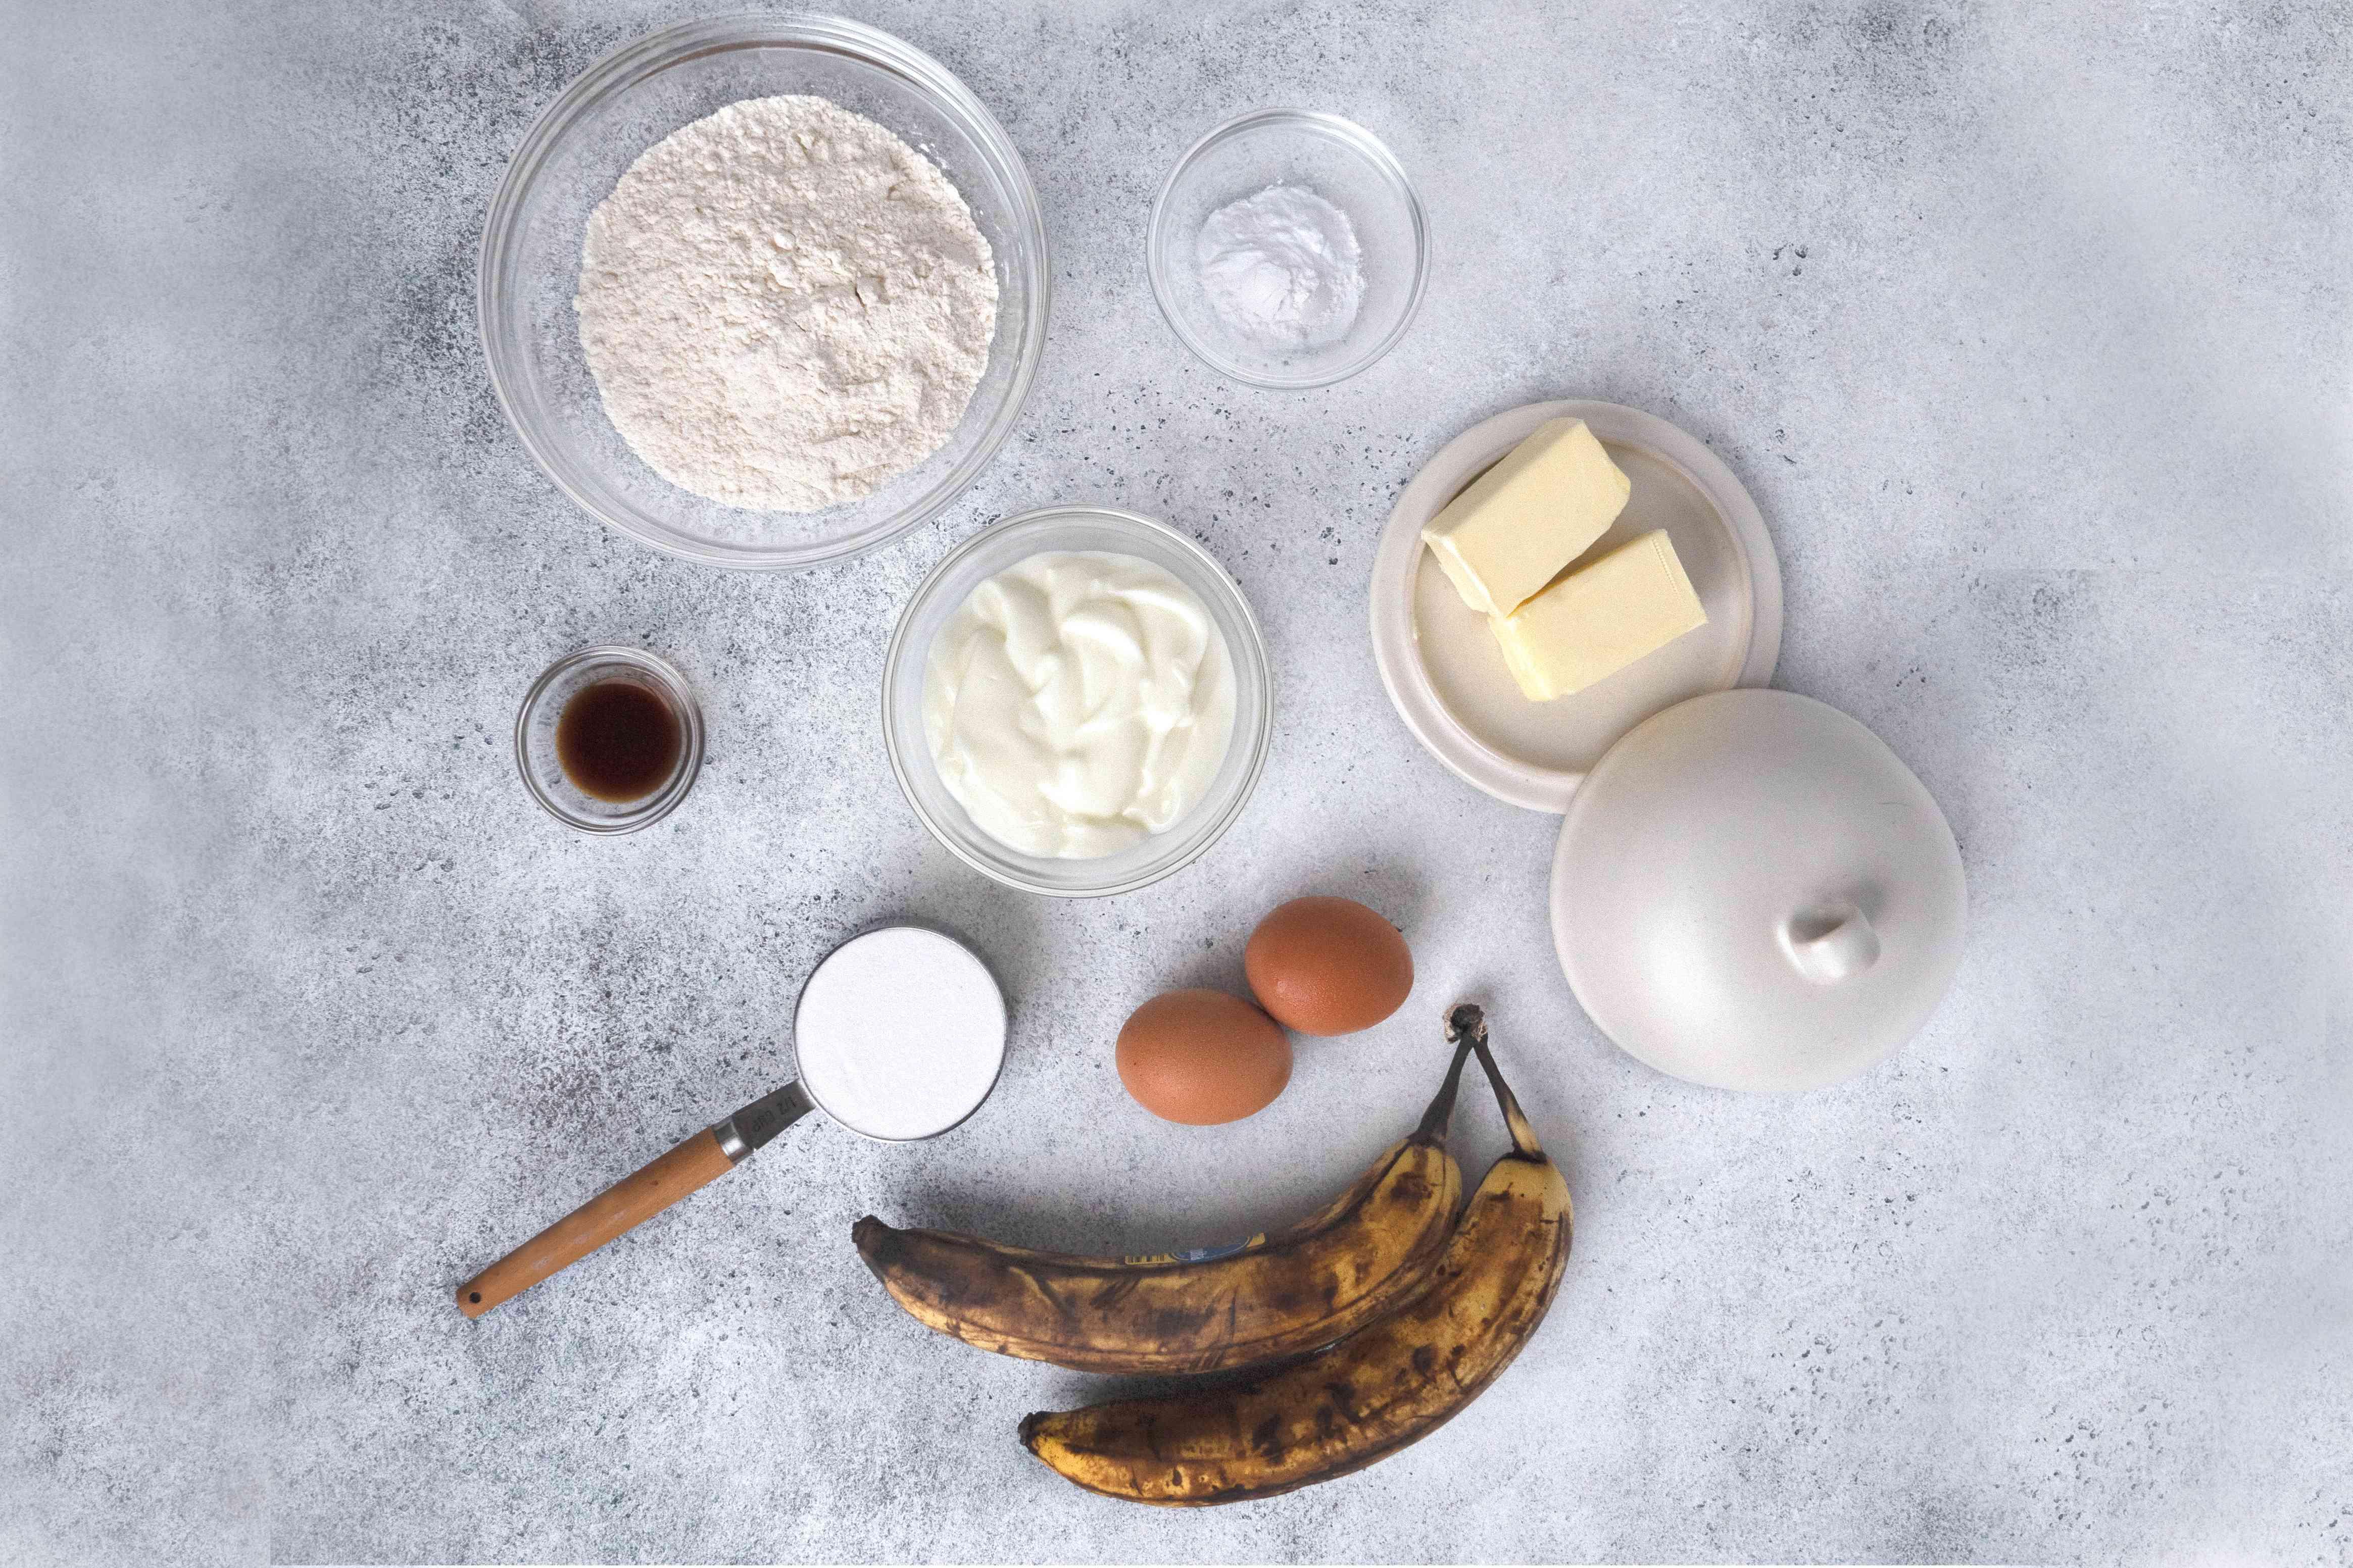 Banana Yogurt Cake ingredients